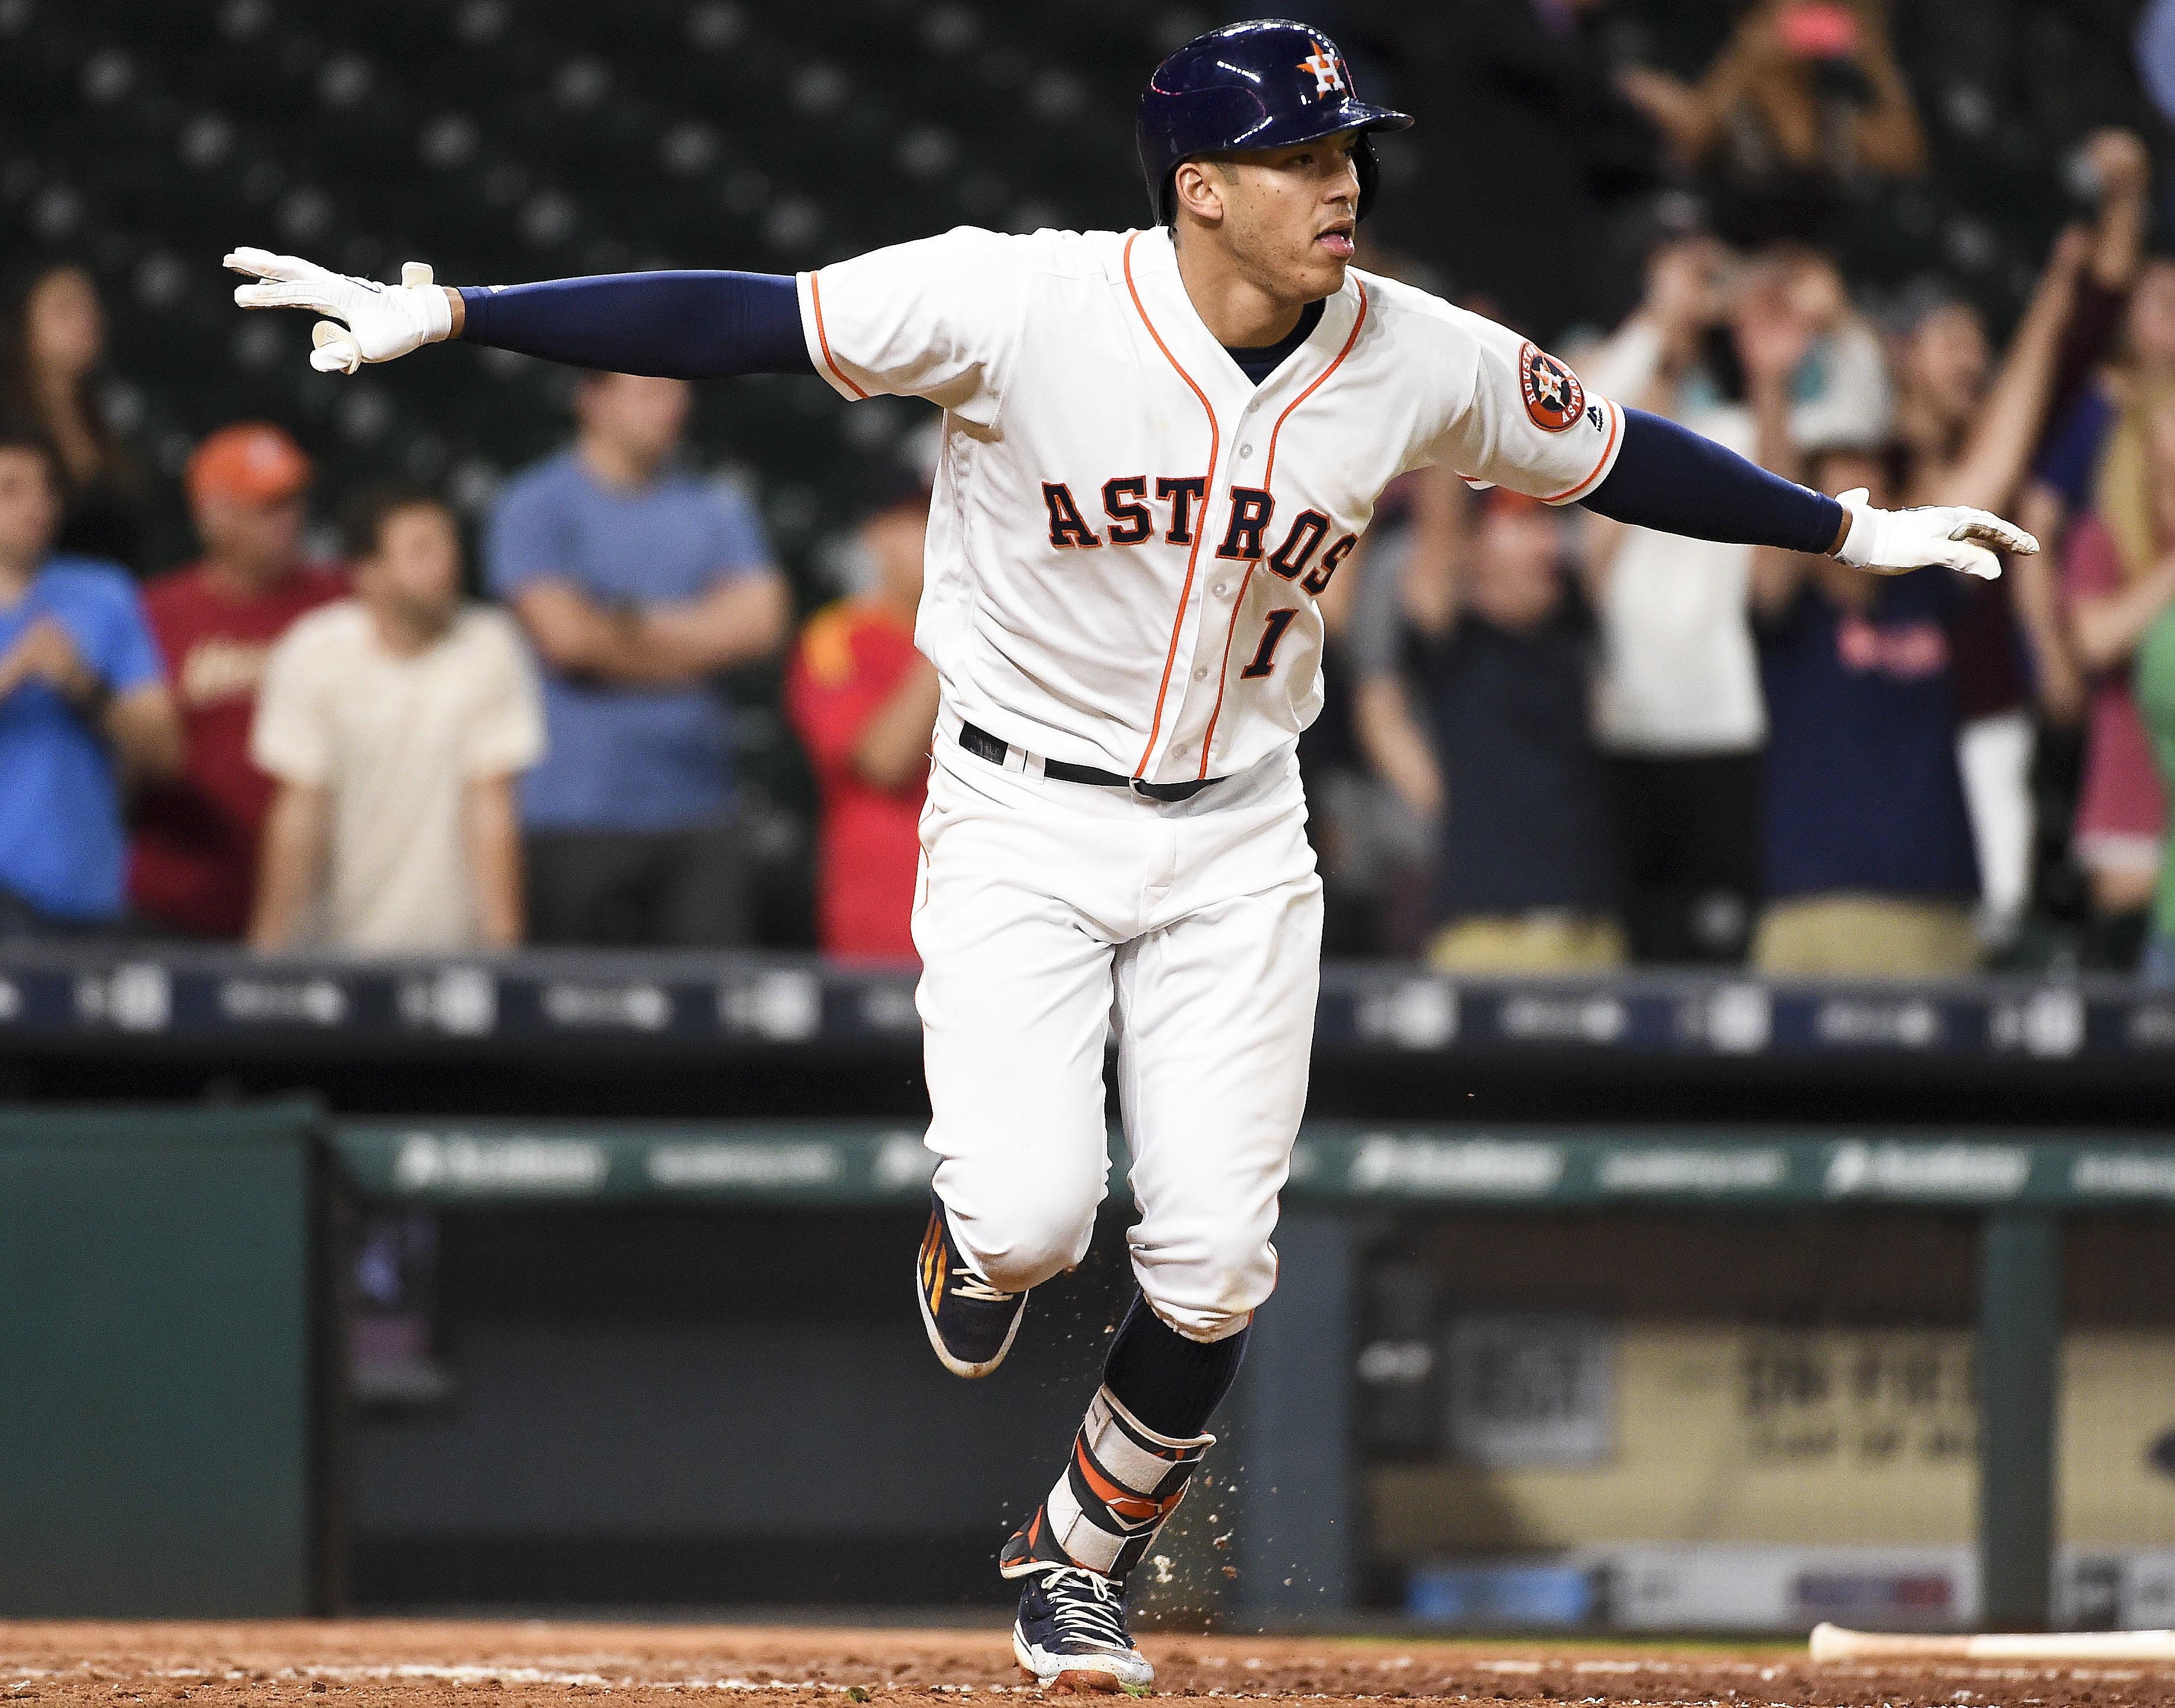 Orioles_astros_baseball